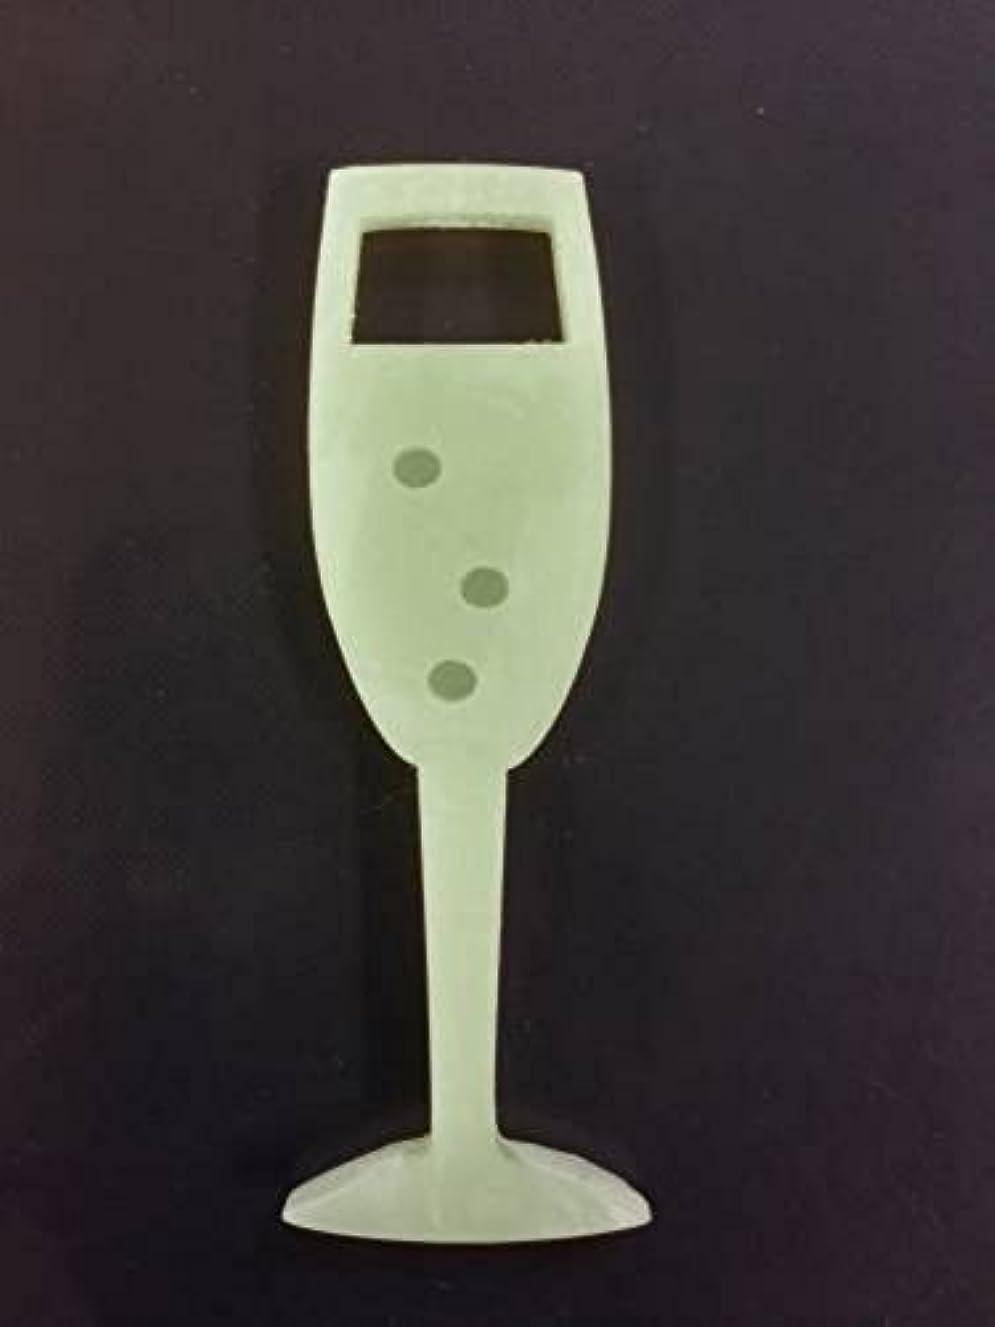 嫌な満たす静かにGRASSE TOKYO AROMATICWAXチャーム「シャンパングラス」(GR) レモングラス アロマティックワックス グラーストウキョウ